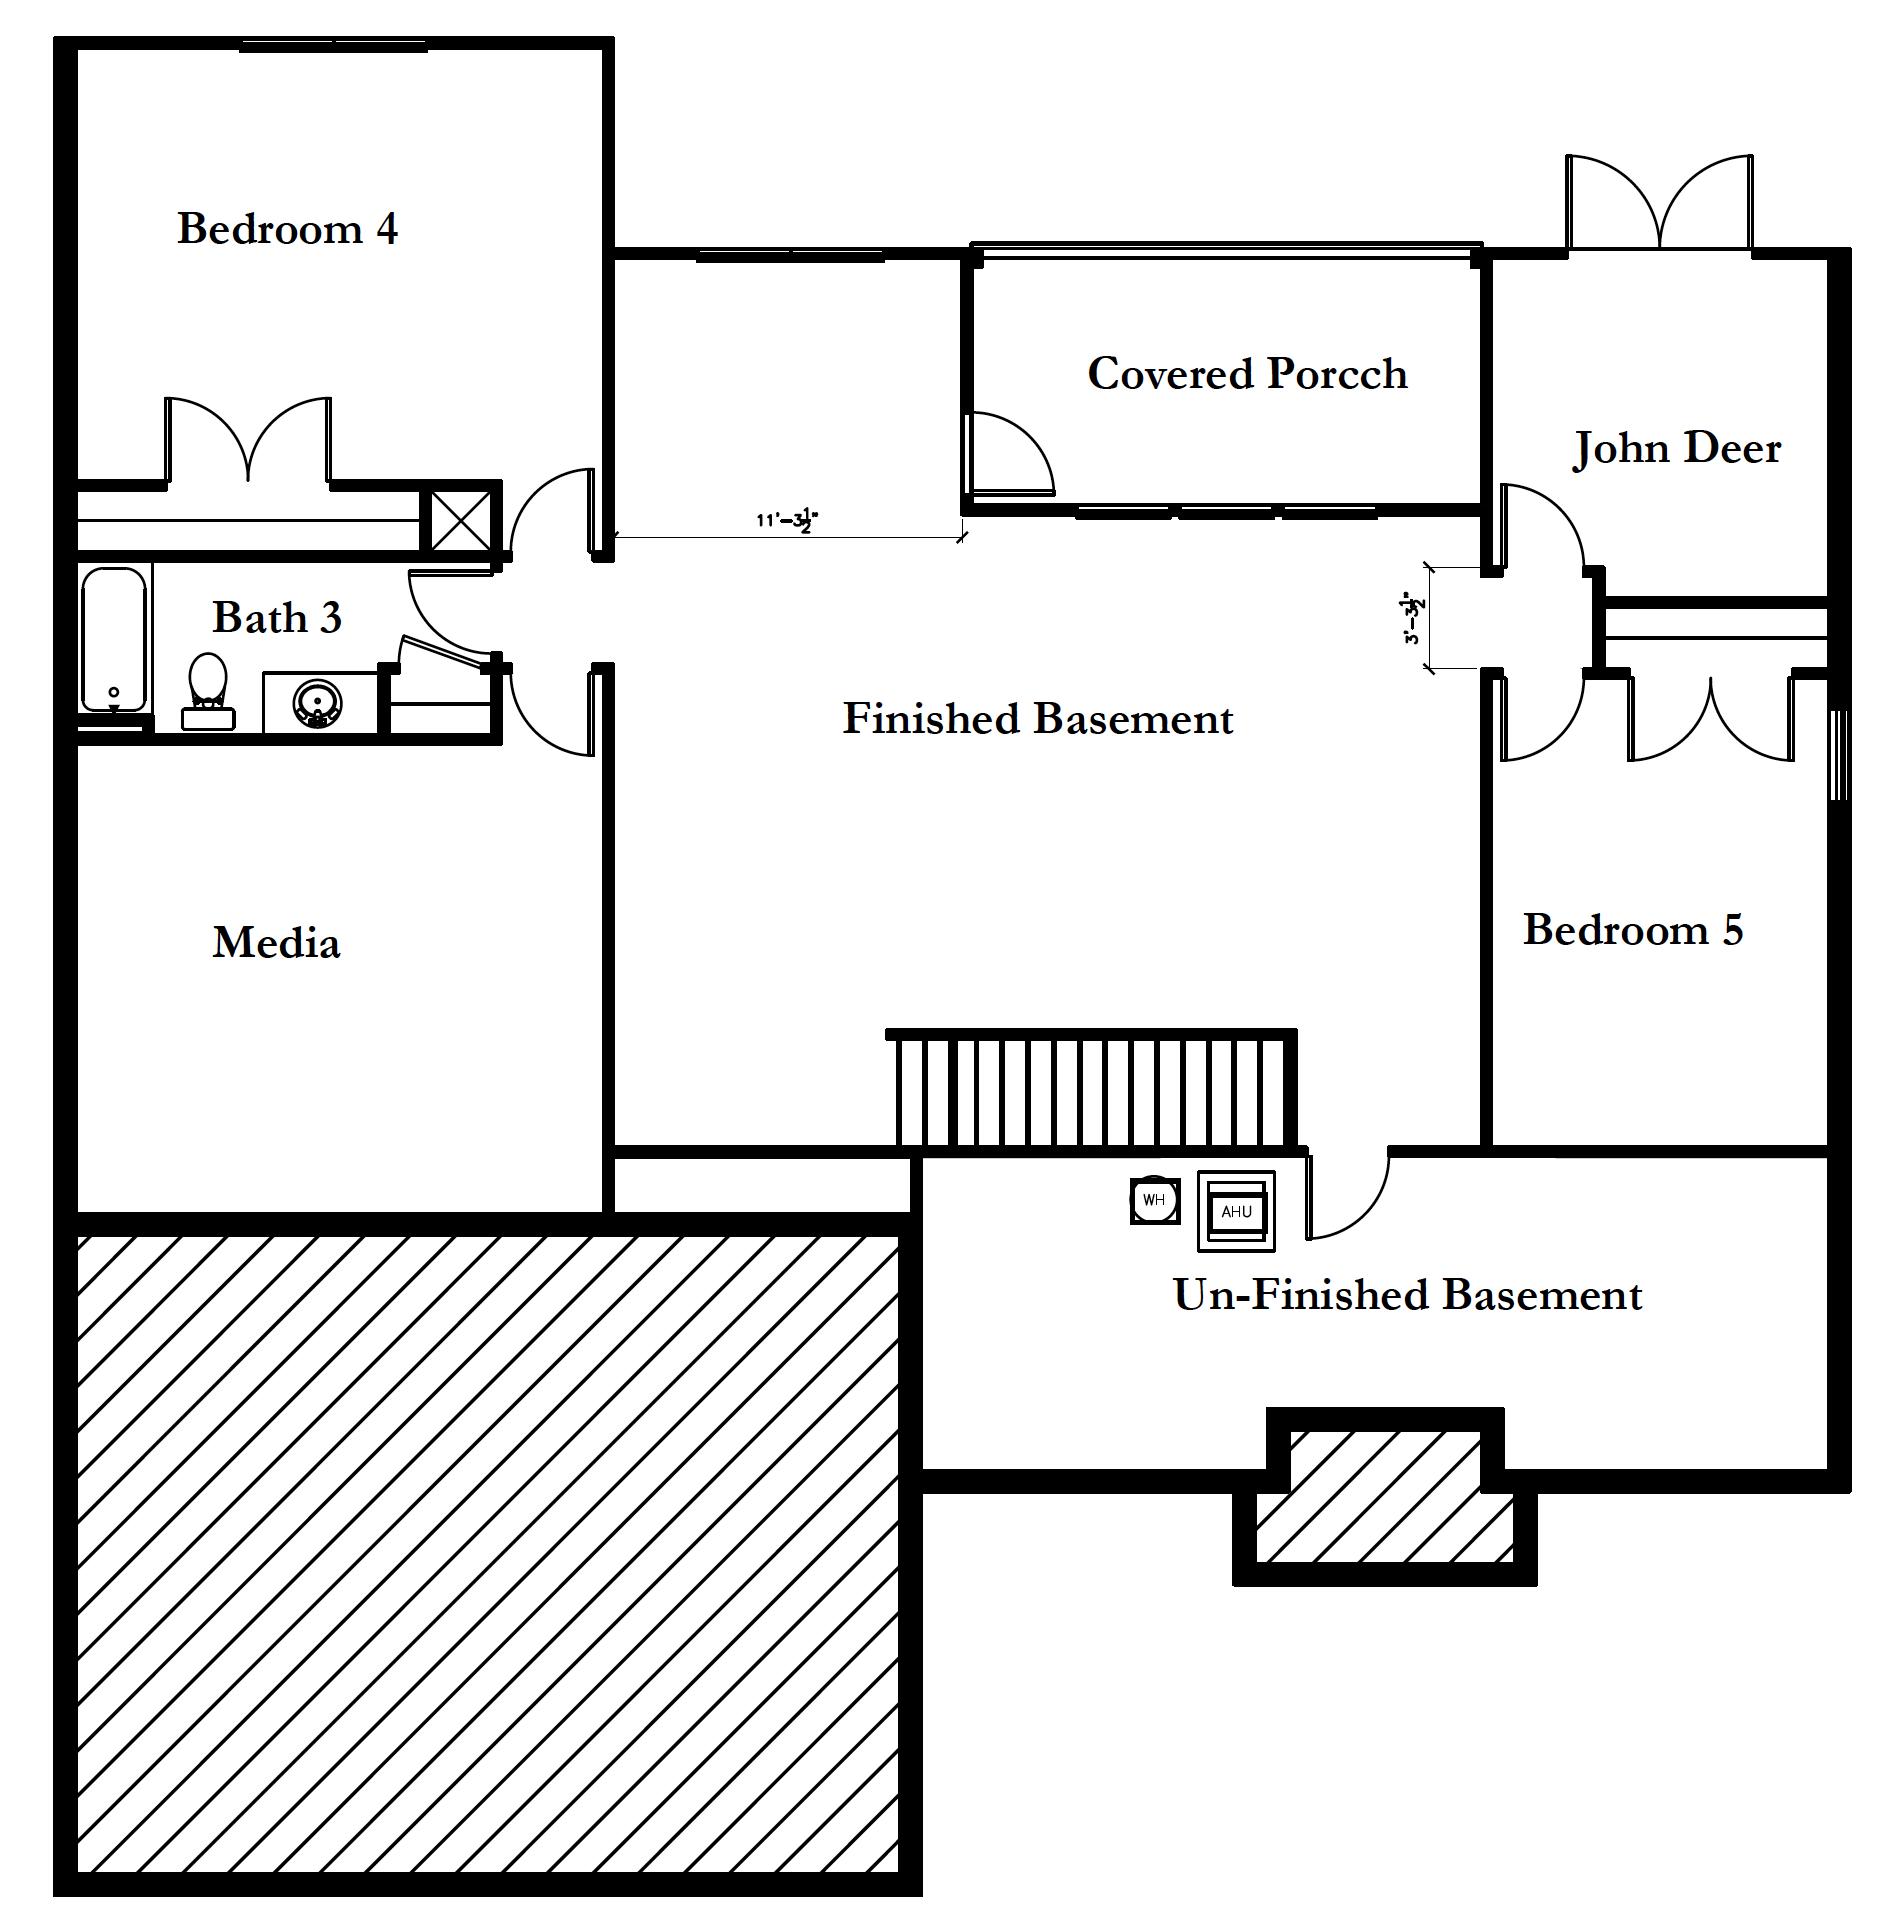 Bradley_Lower_Floor_Plan.png